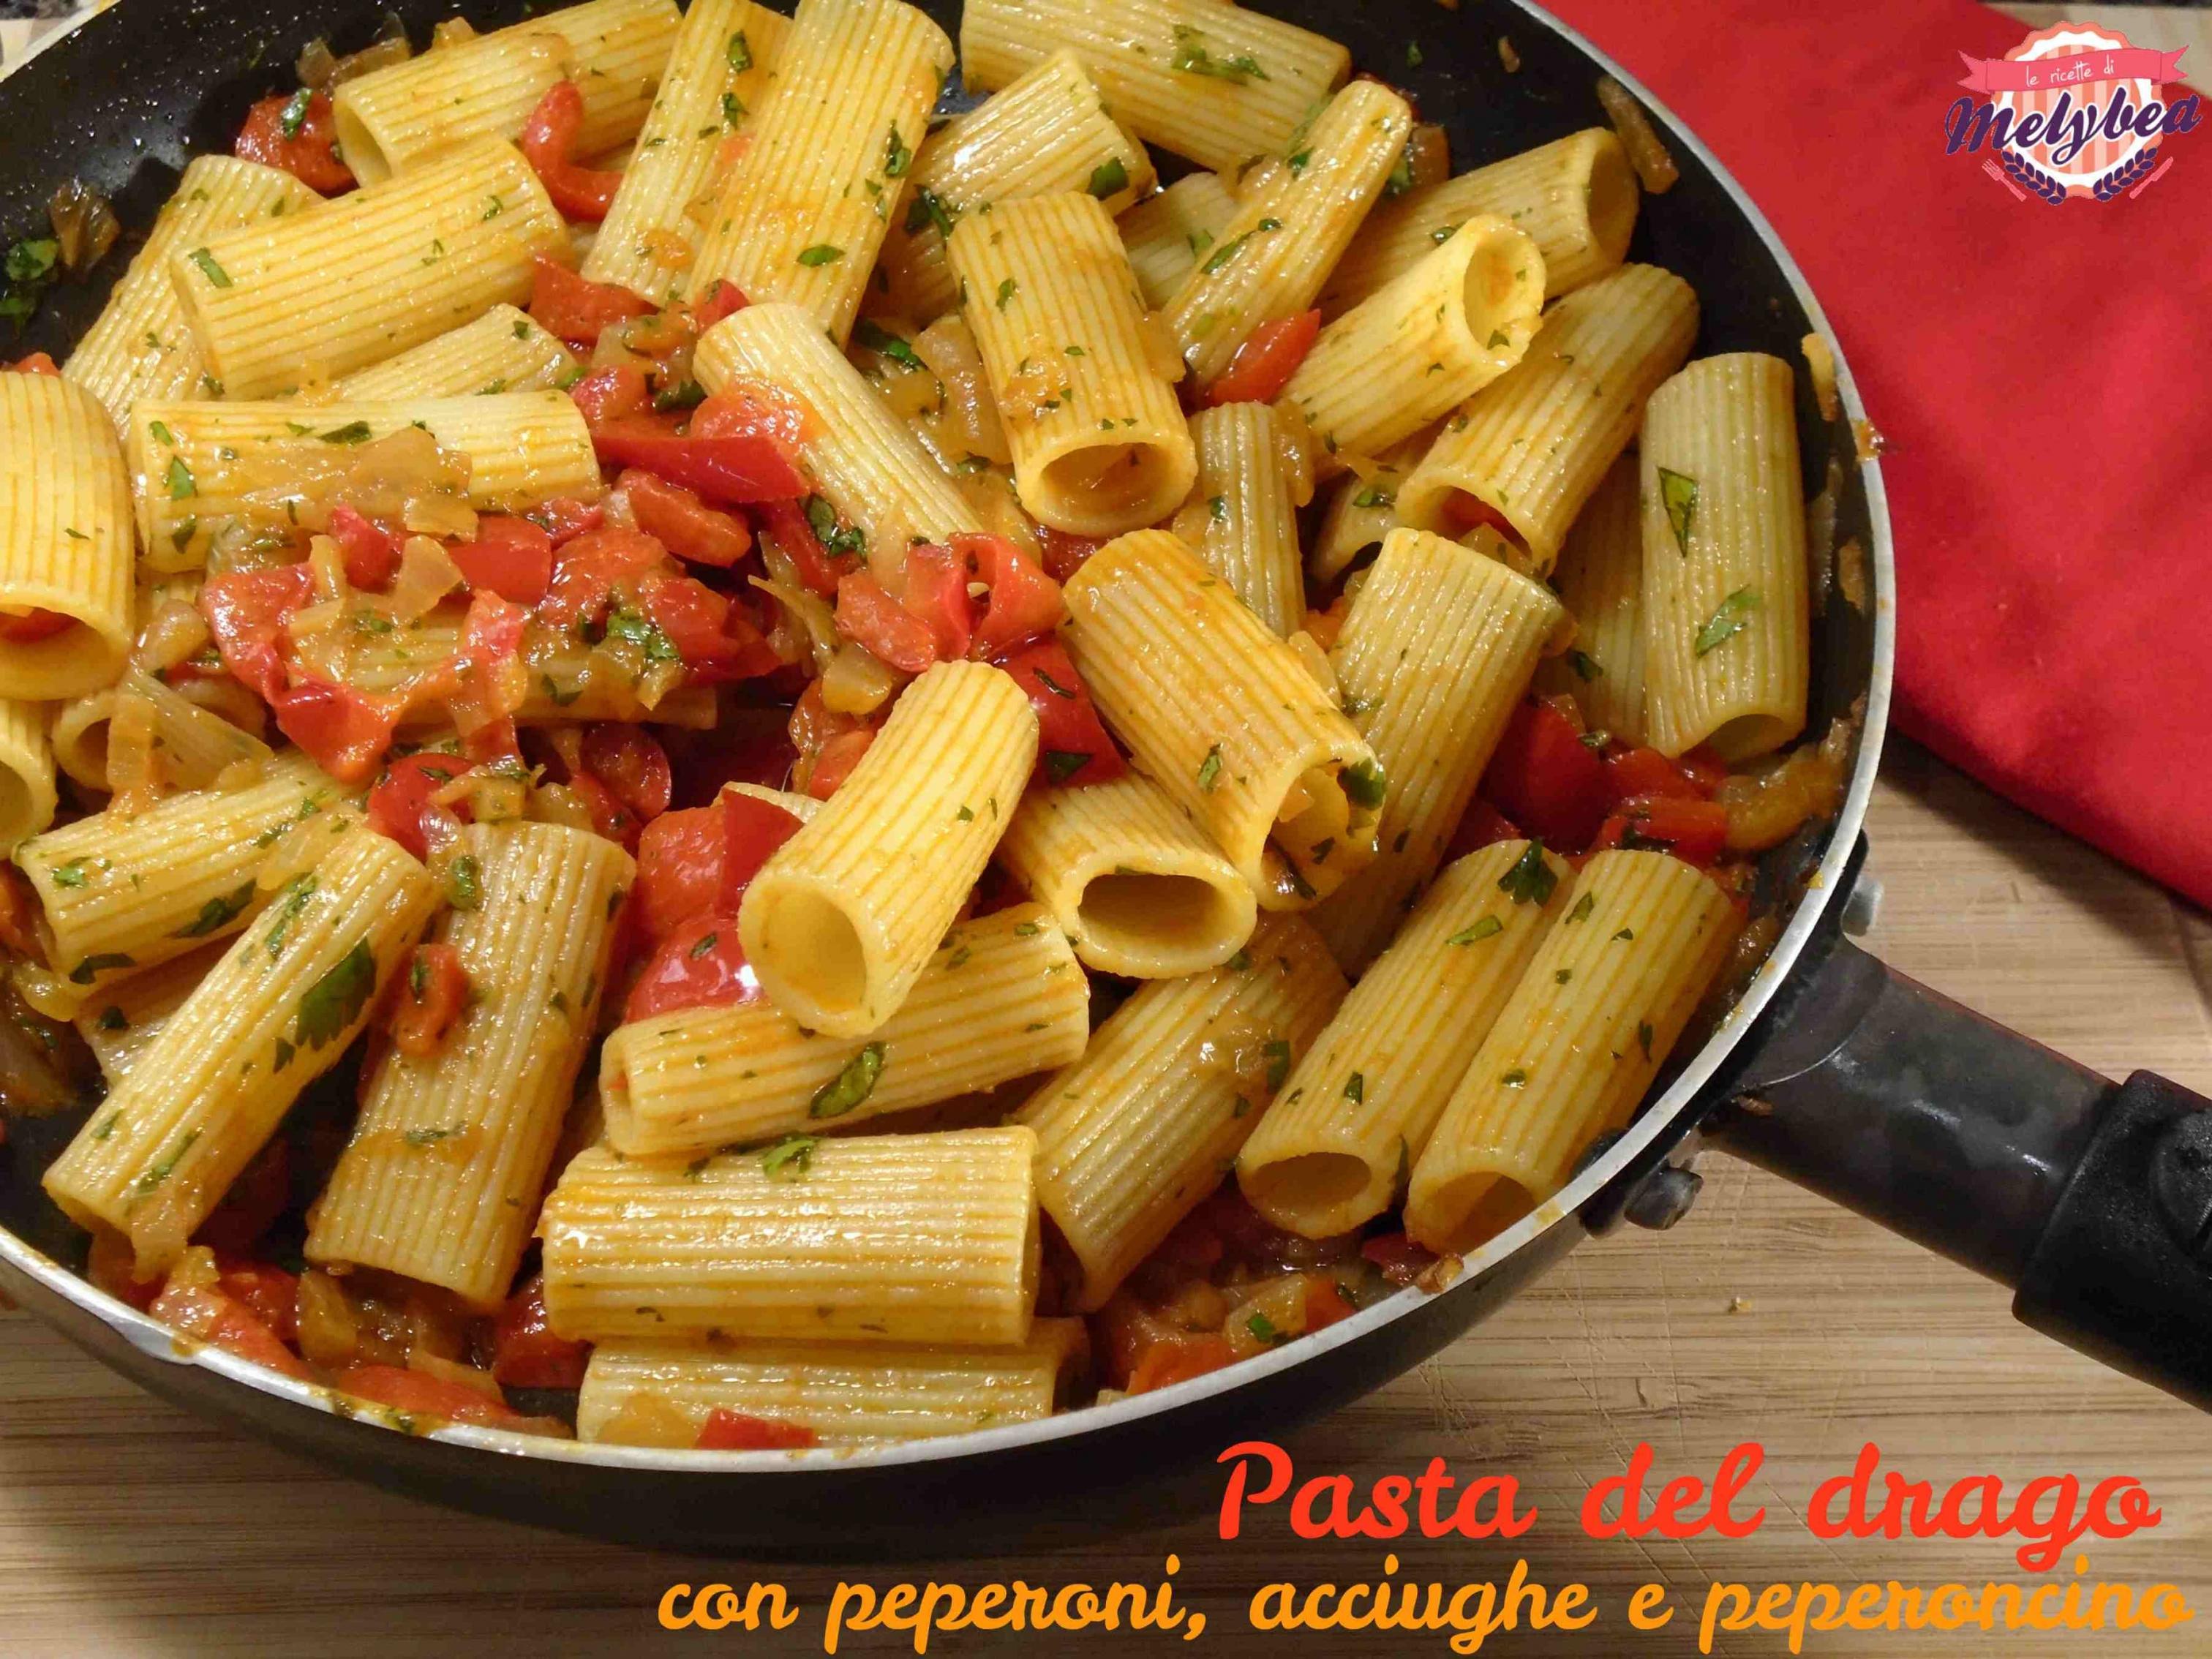 pasta del drago con peperoni acciughe e peperoncino